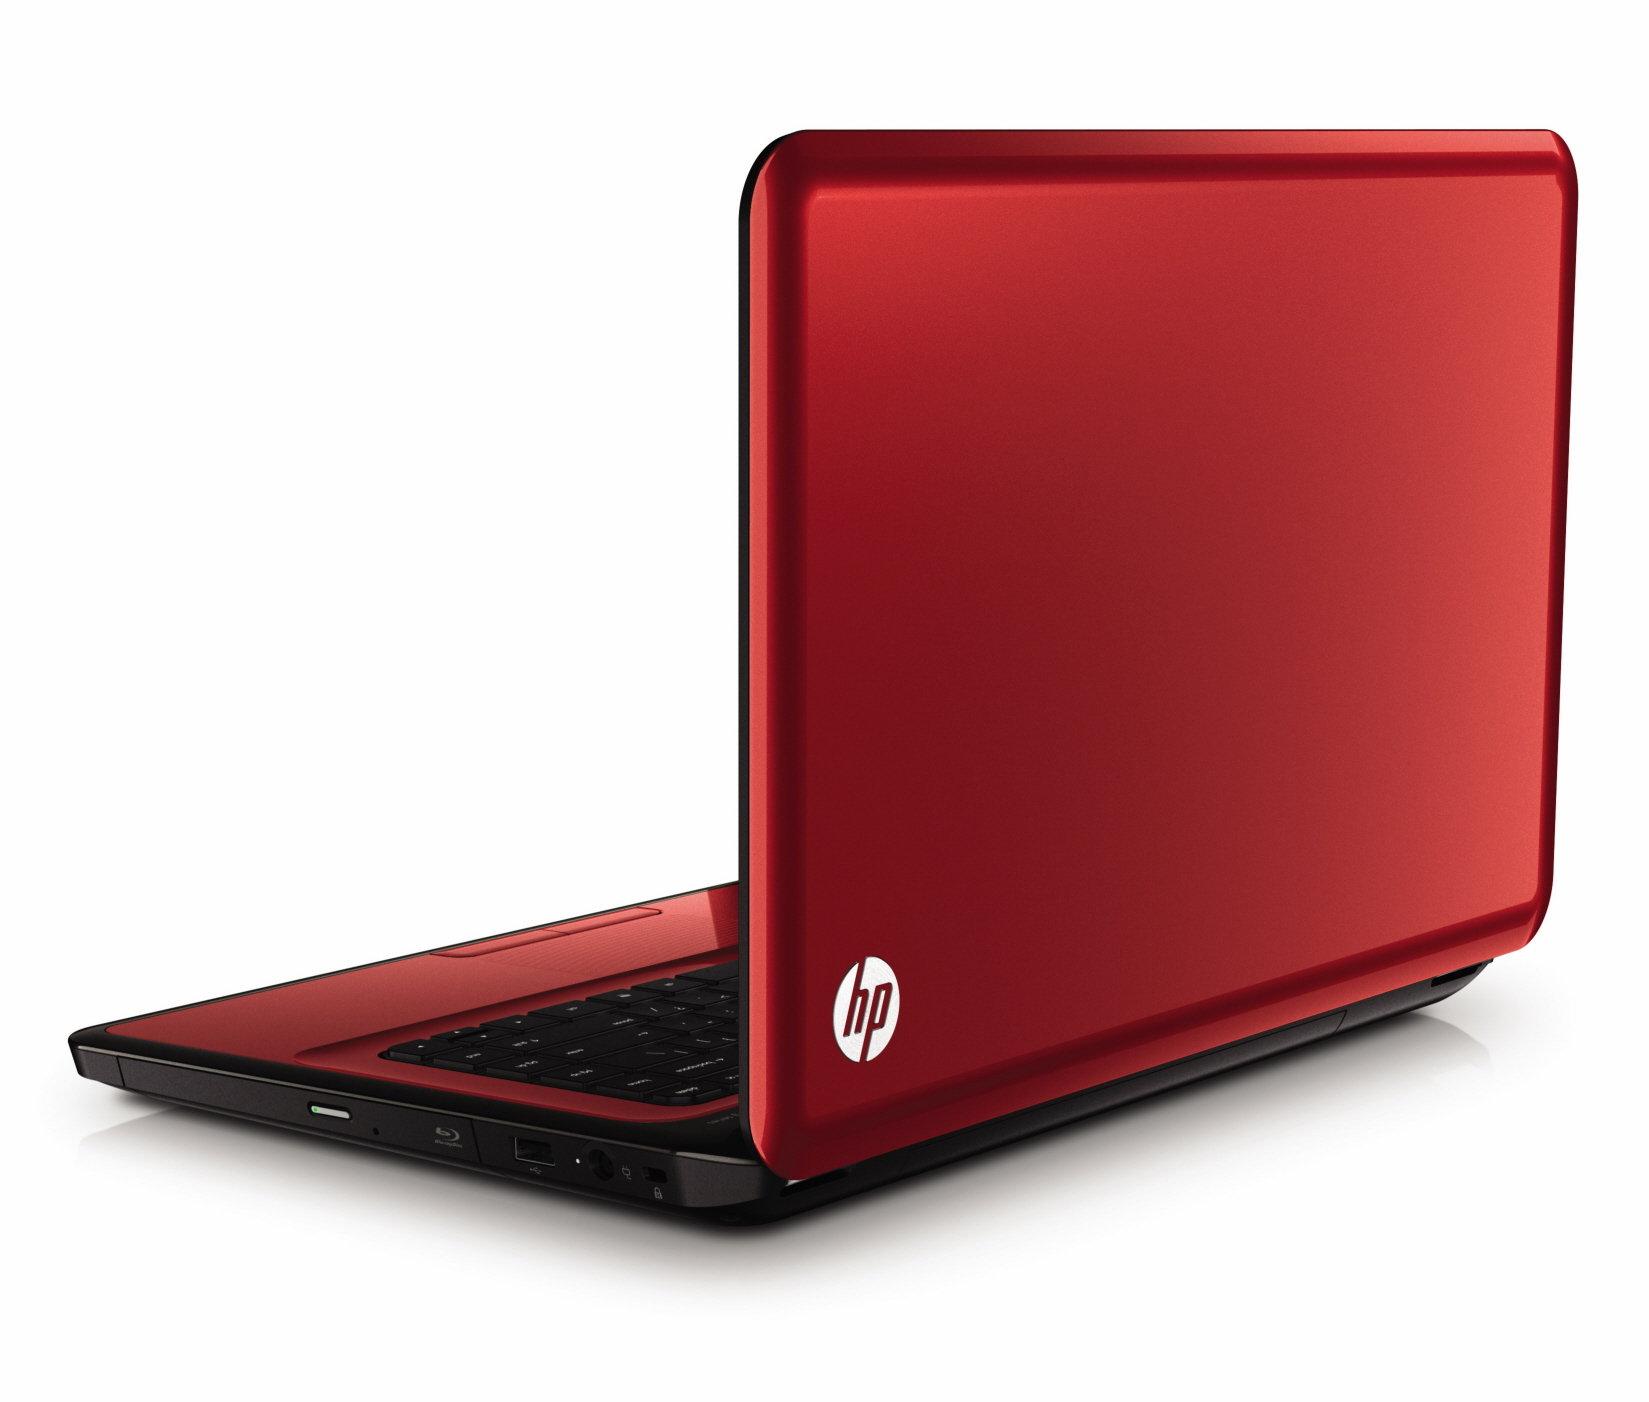 HP Pavilion g6-1381ea PC 15.6 inch Laptop (Intel Core i3 ... Hp Laptops Pavilion G6